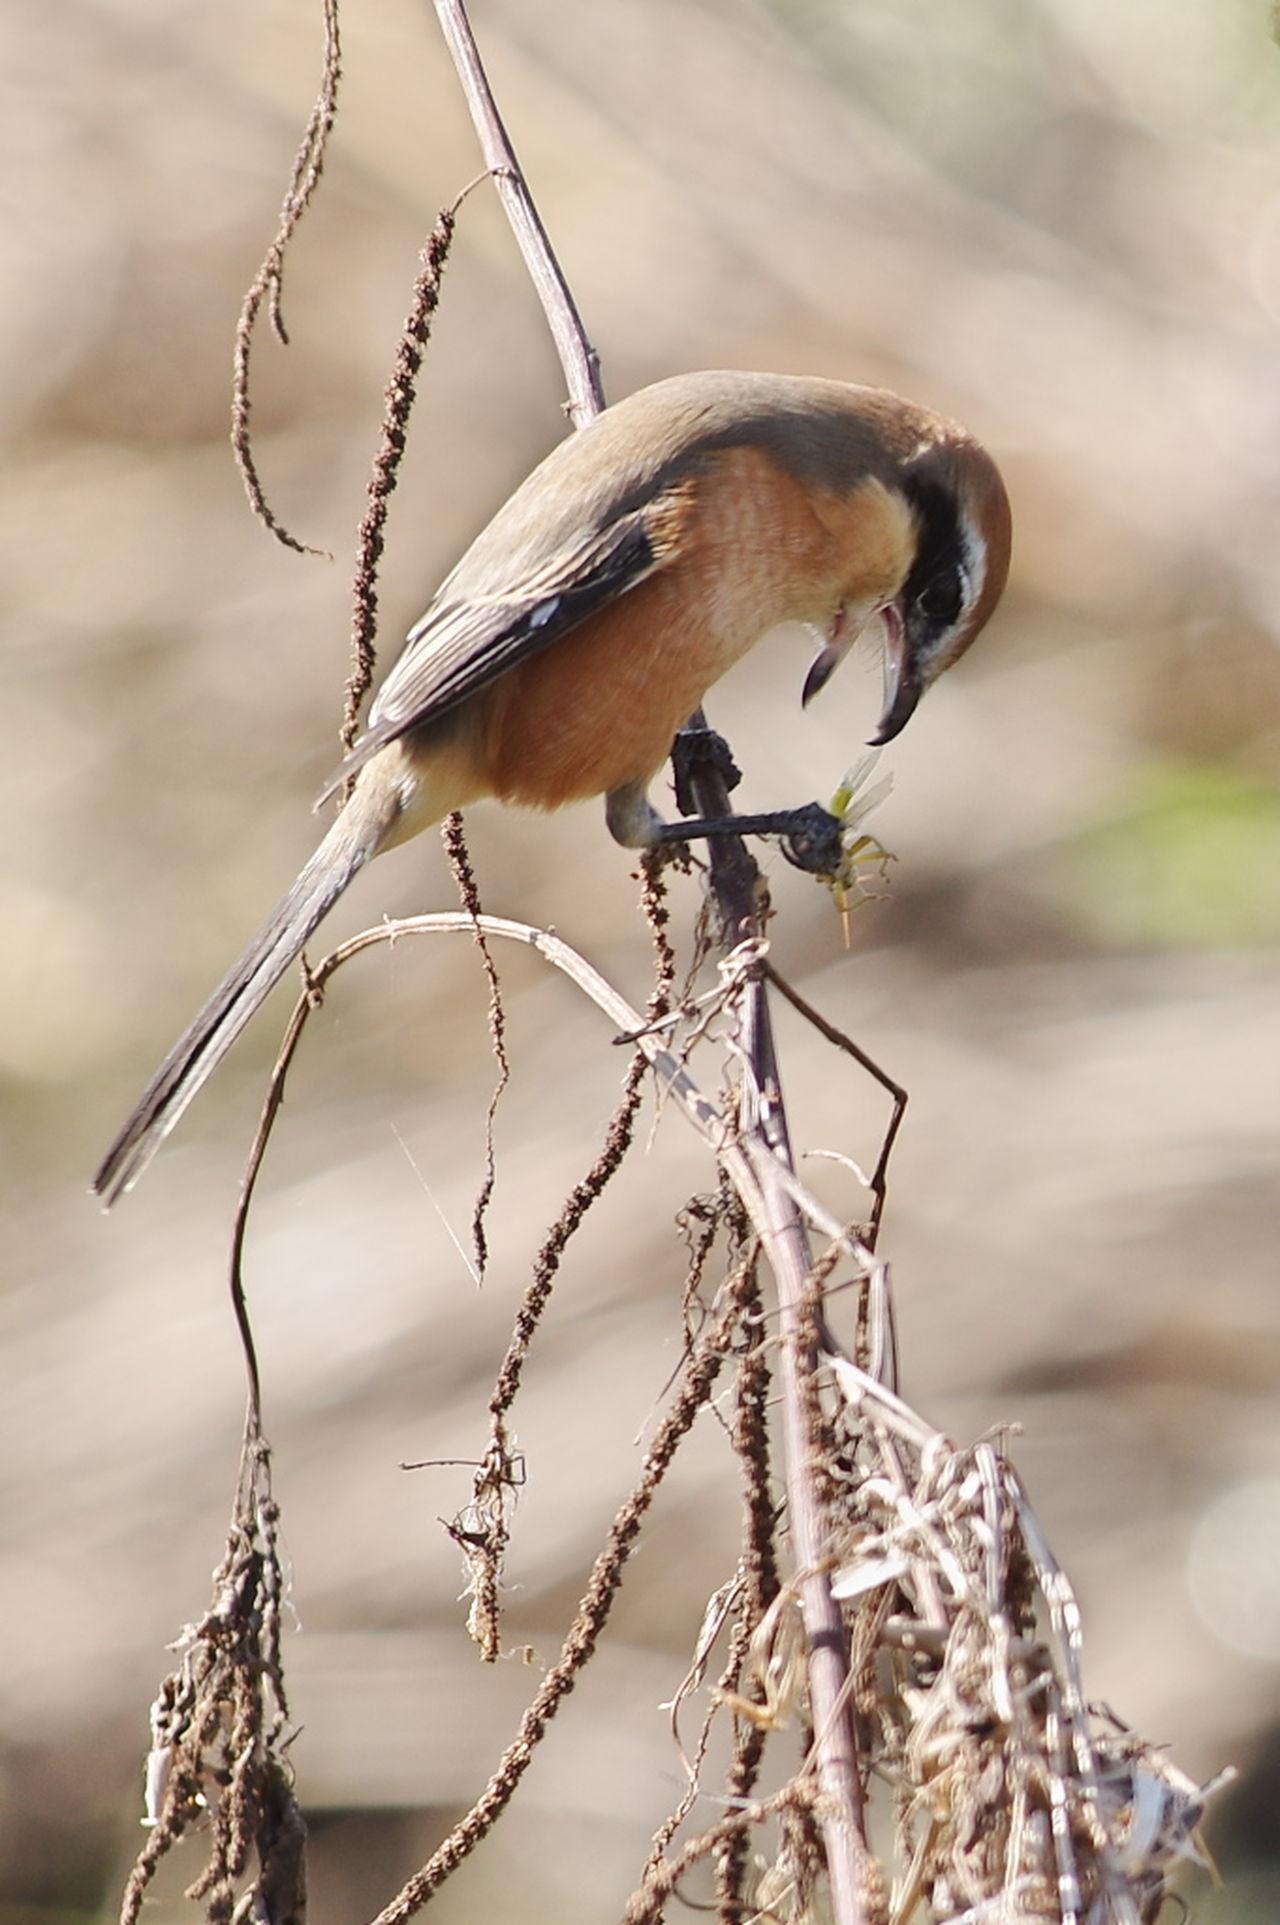 食事中です。虫嫌いの人はじっくり見ない方がいいかも。(笑) 百舌 百舌鳥 Shrike Bird Bird Photography Bird Watching Nature Nature Photography Nature_collection Naturelover